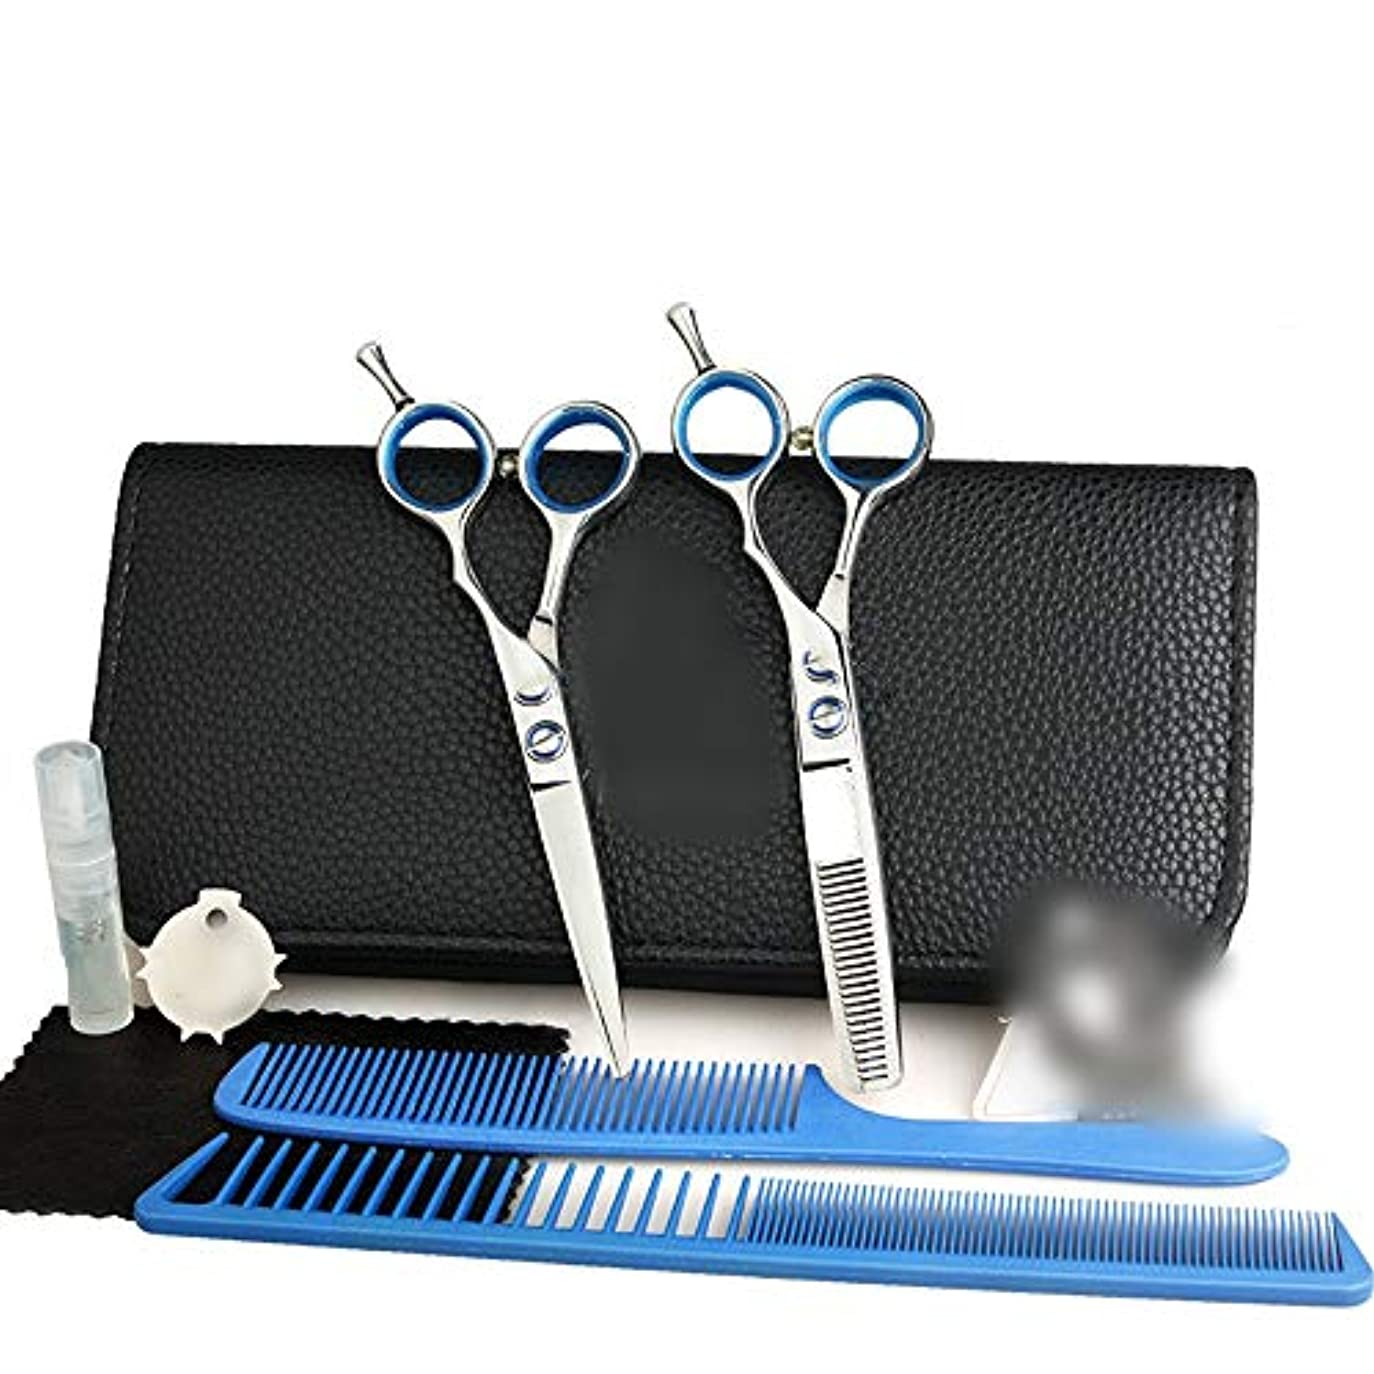 報復マウントポイントGoodsok-jp 5.5インチ理髪はさみセット、平らな歯のはさみ理髪はさみセット (色 : Silver)